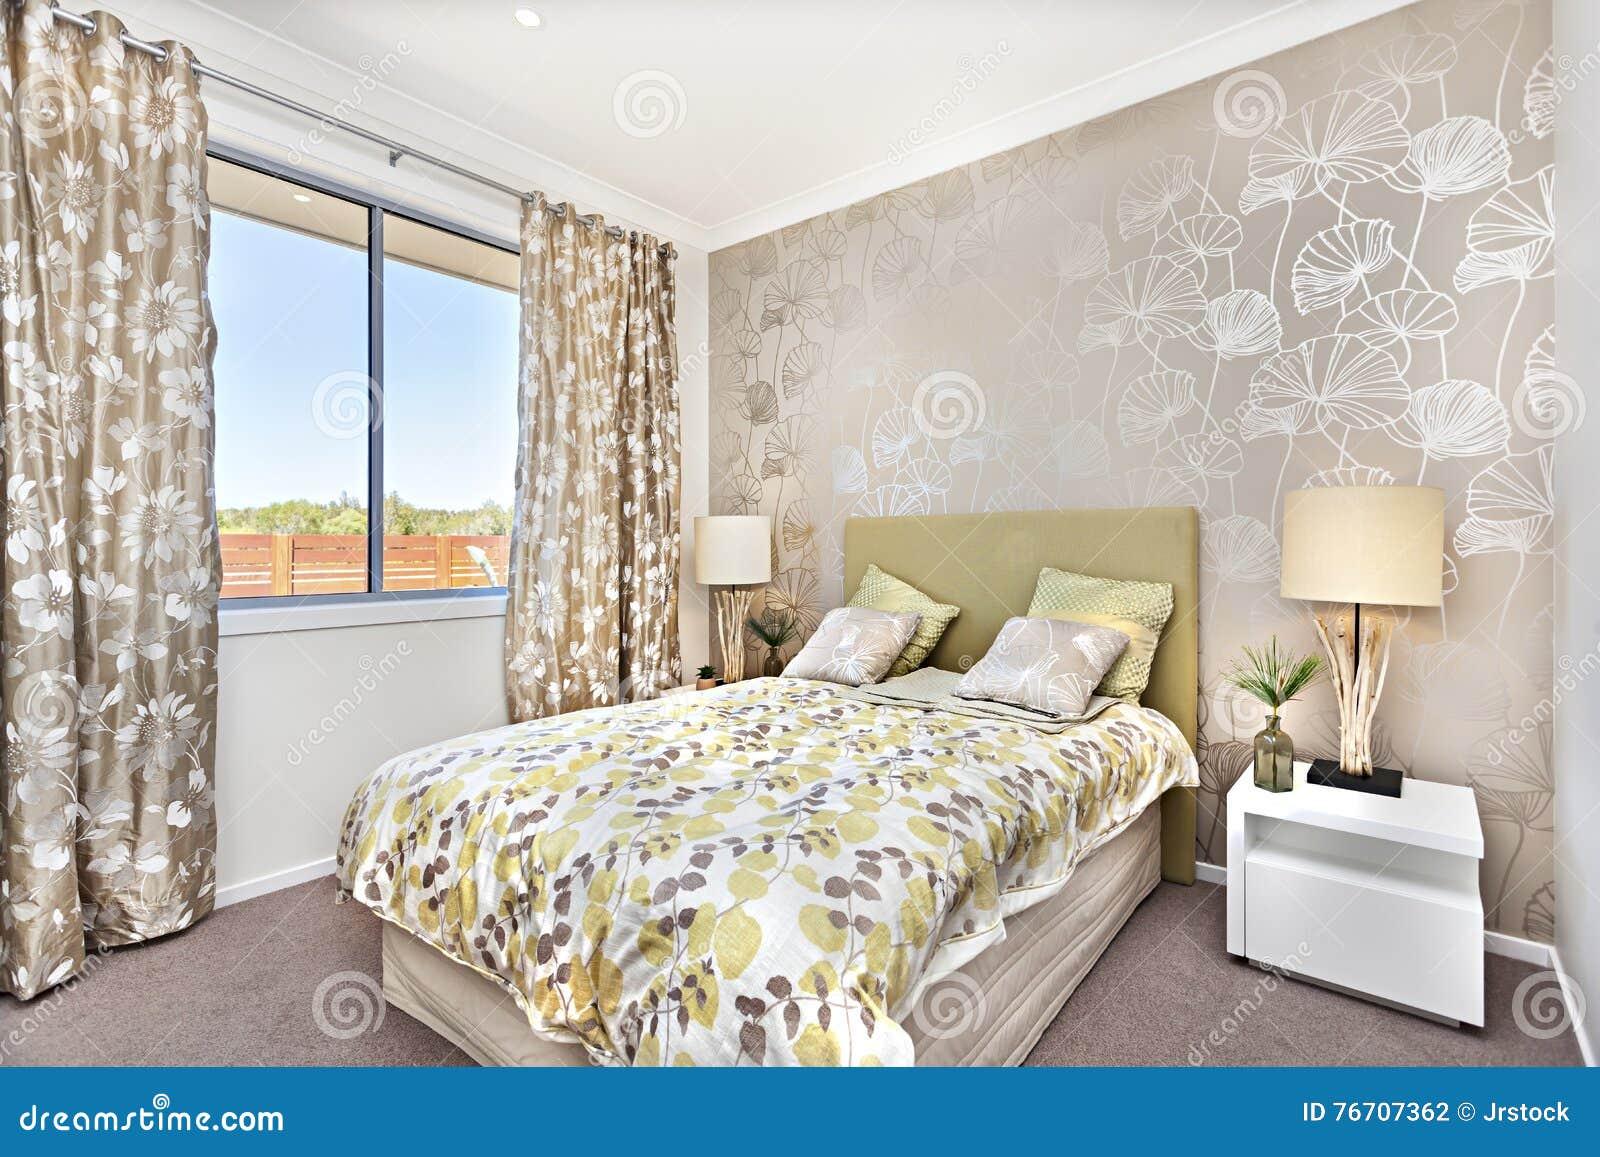 Camera Da Letto Moderna Marrone : Camera da letto moderna con un letto matrice e un colore marrone